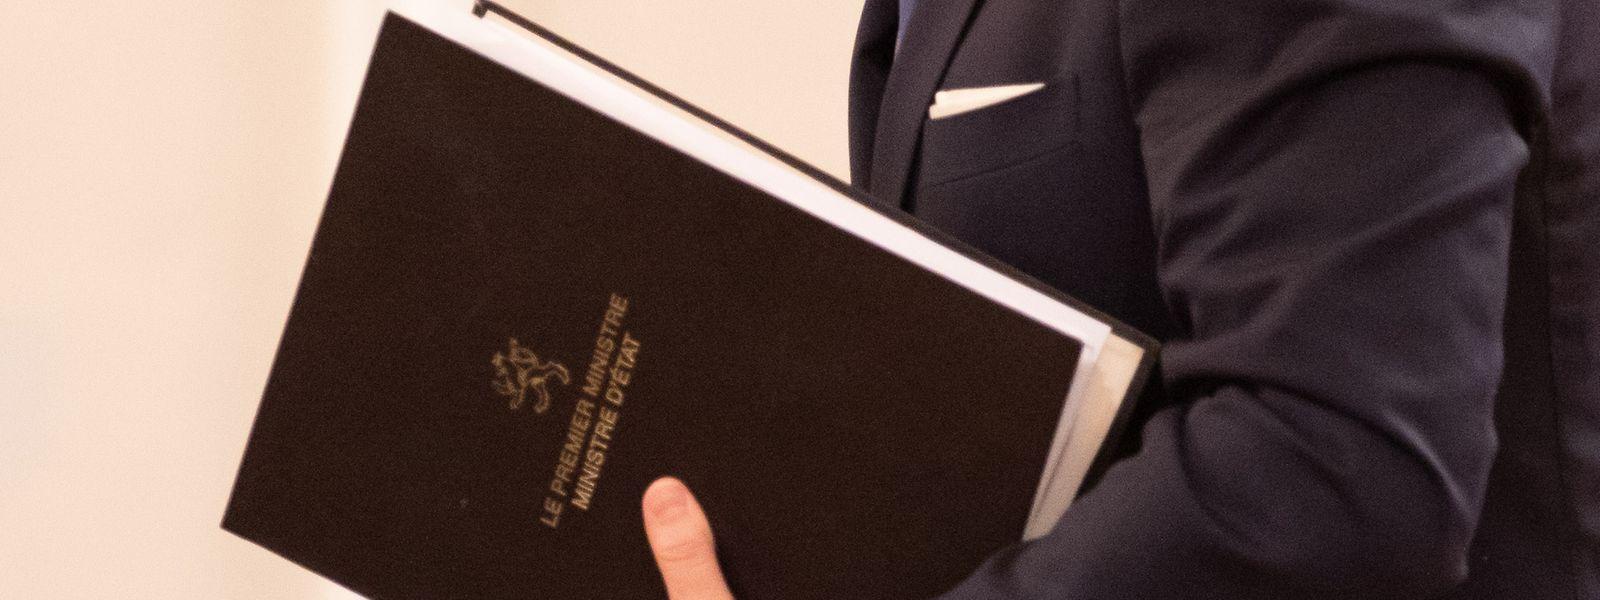 Premierminister Xavier Bettel stellte die Corona-Pandemie erwartungsgemäß in den Mittelpunkt seiner Regierungserklärung.